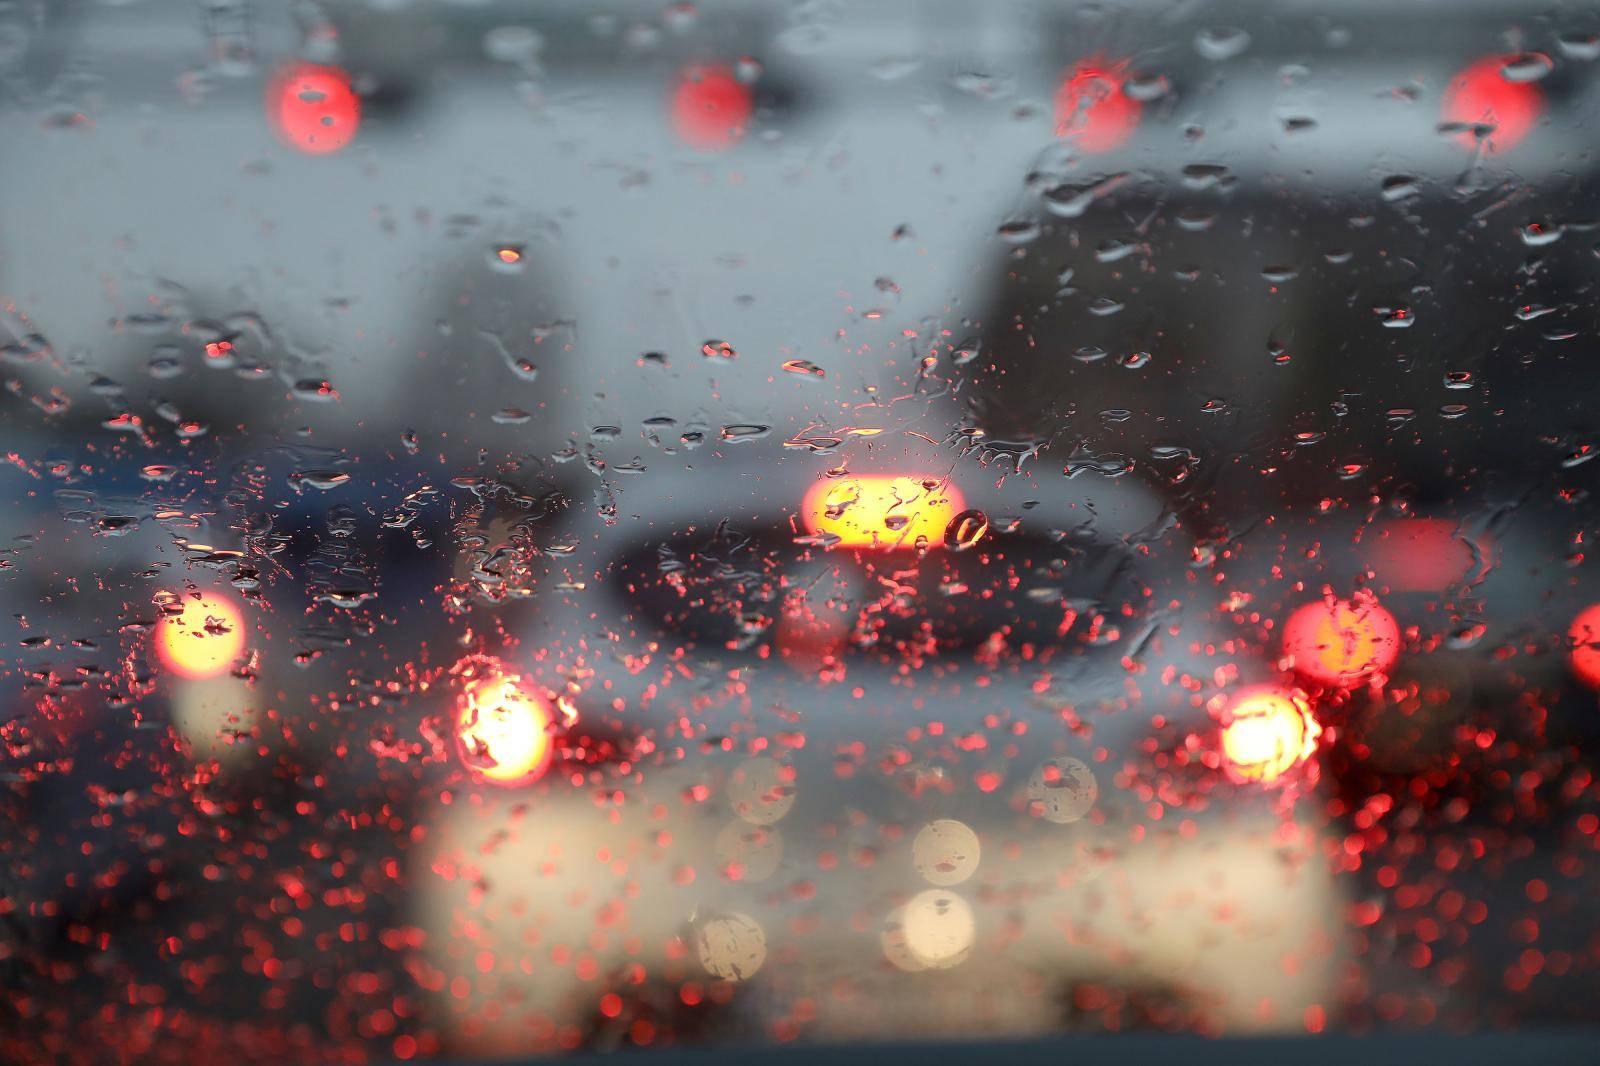 Vraćaju se hladnoća, kiša i jaka bura, a ponegdje će biti i mraza